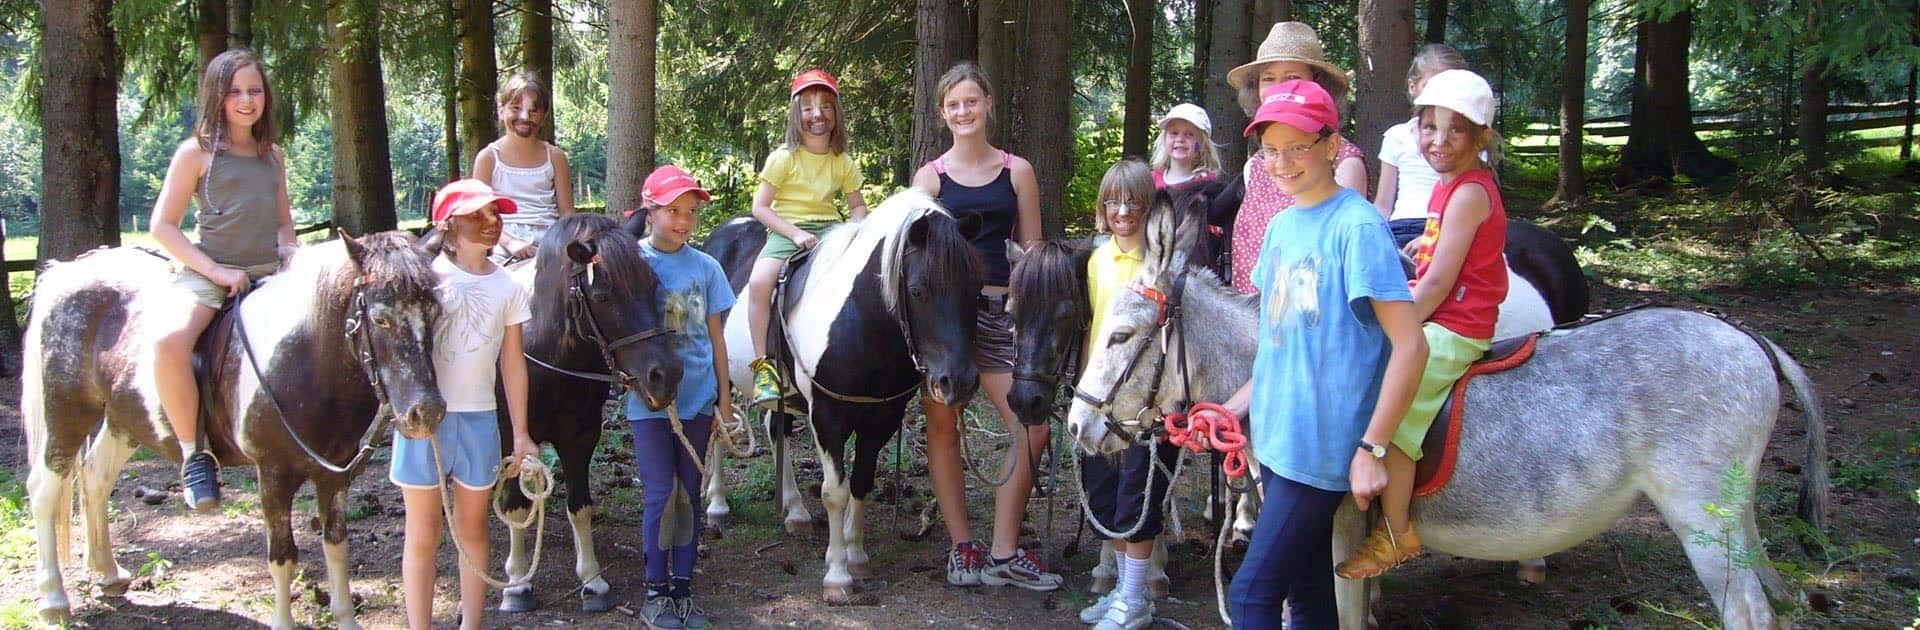 Kinderbetreuung mit Abenteuer Programm - Hotel Matschner